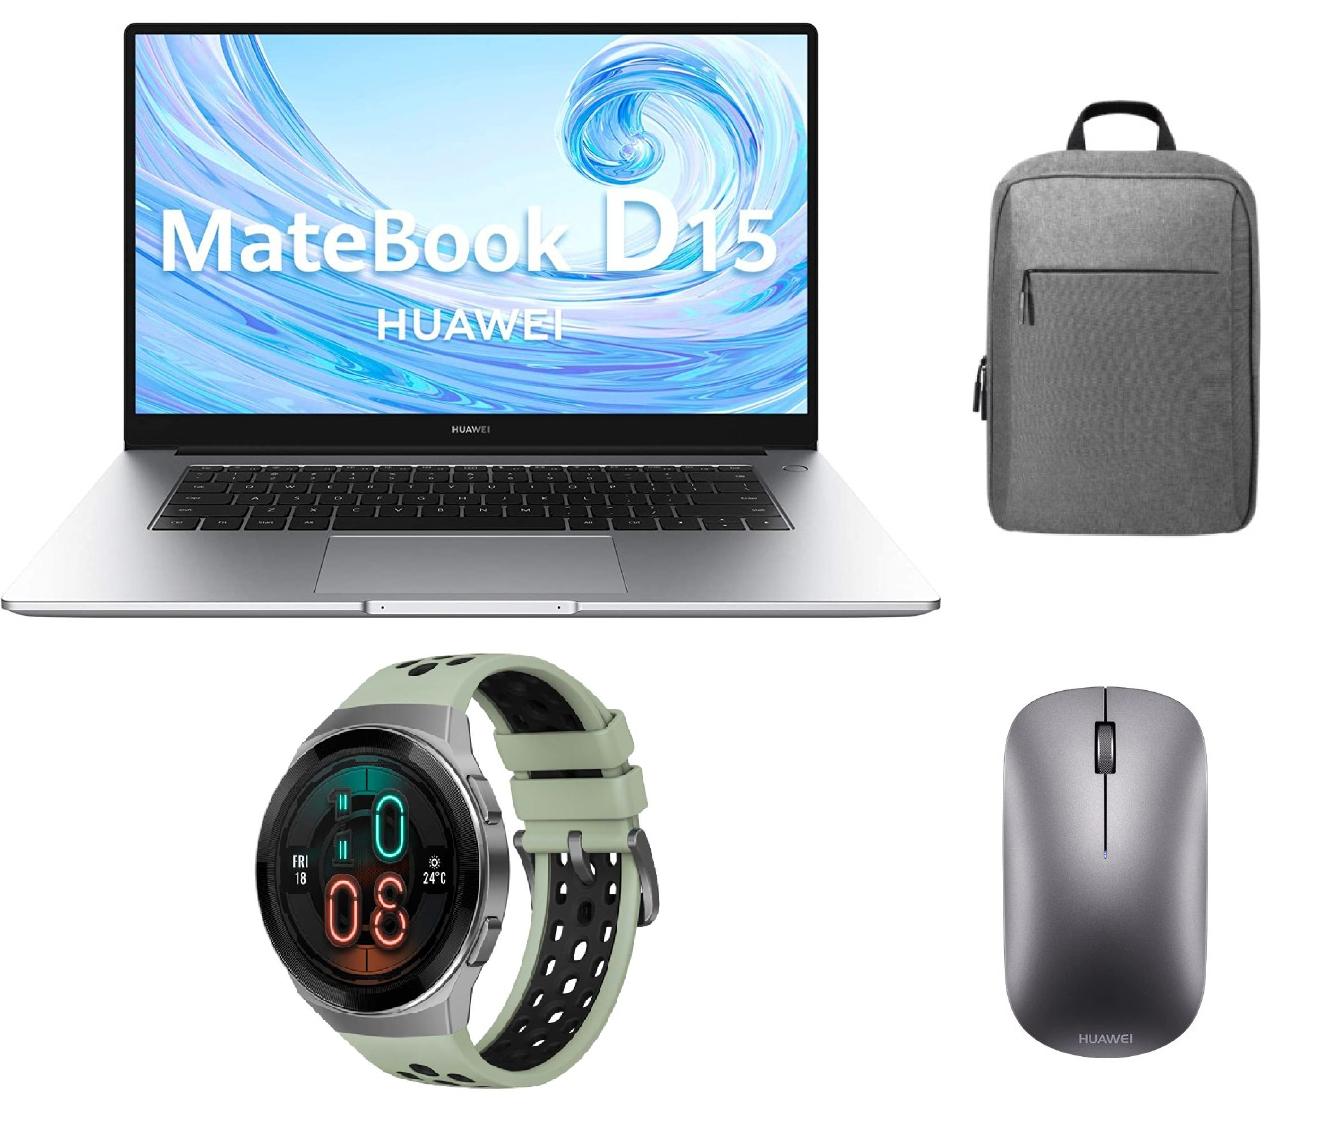 Matebook D15 Ryzen +Watch GT2e + regalos 530€